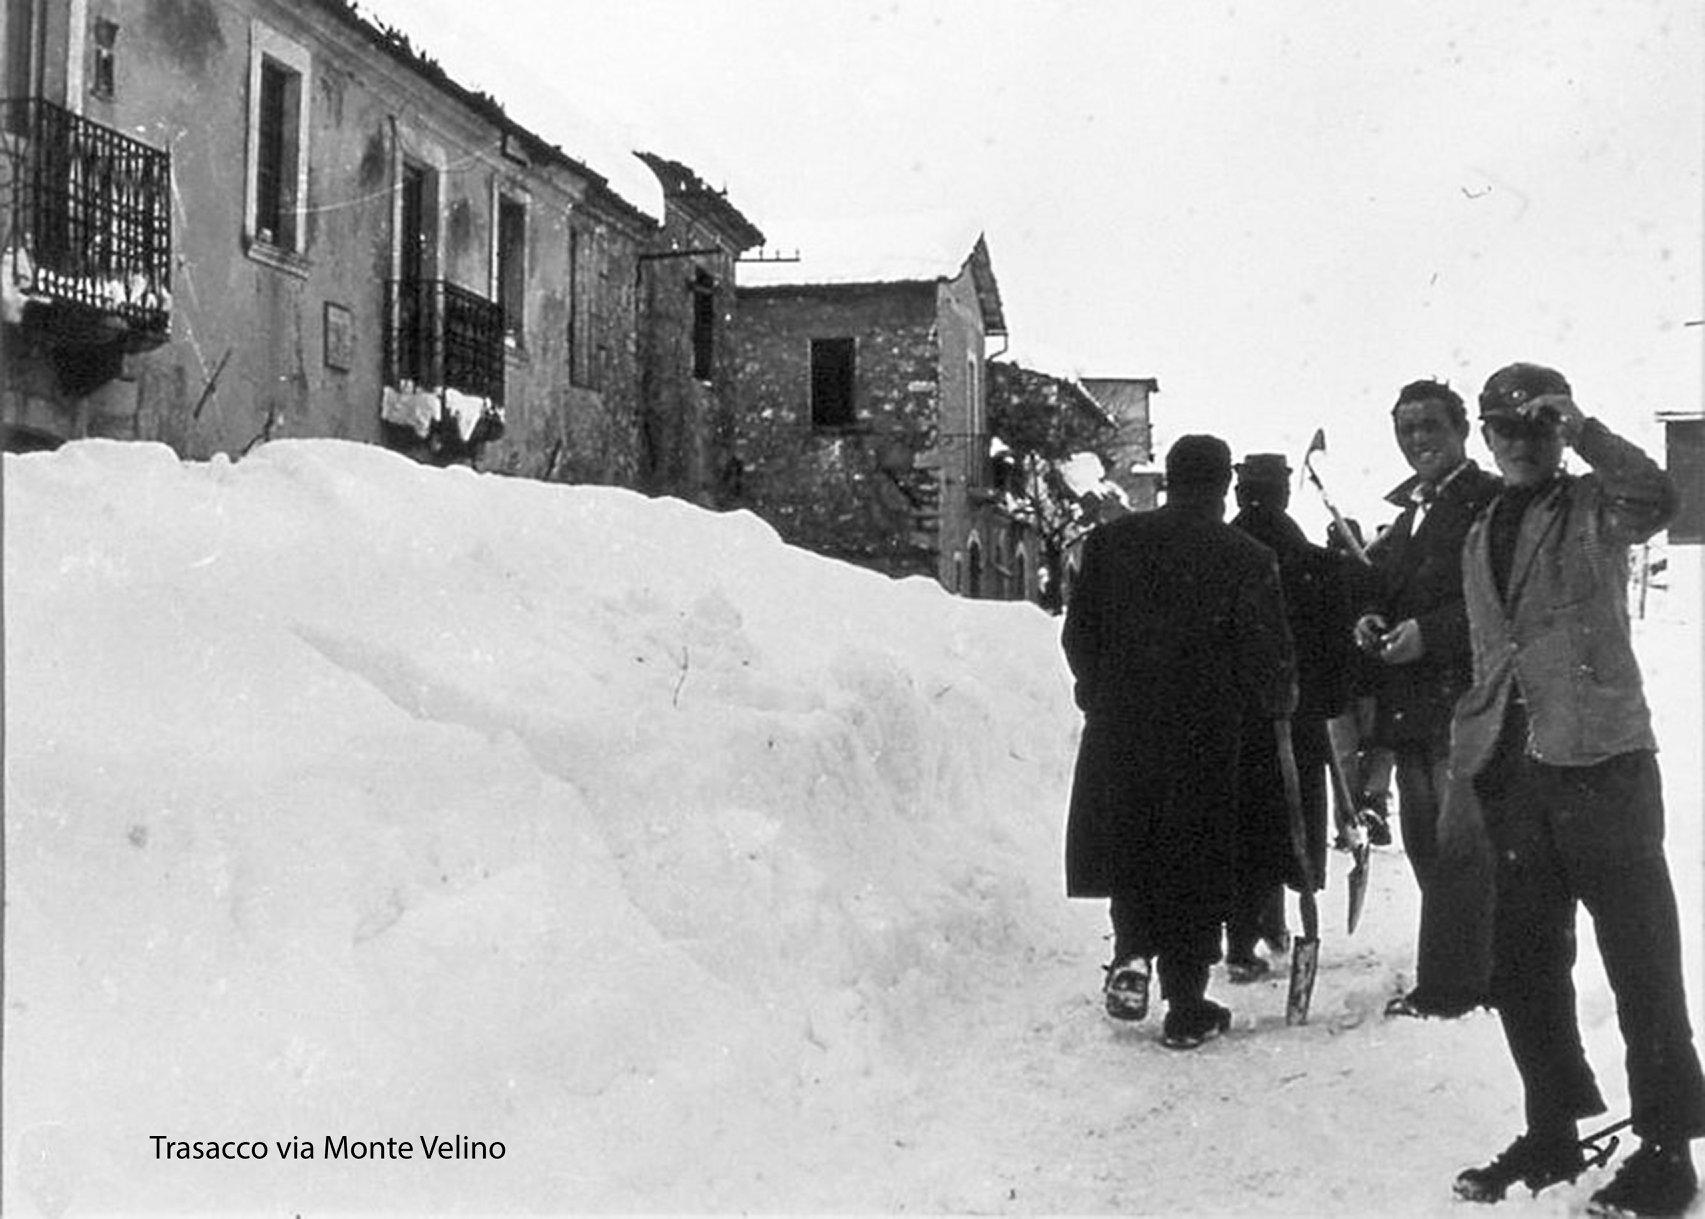 La neve del '56, un racconto di Tito Lucarelli